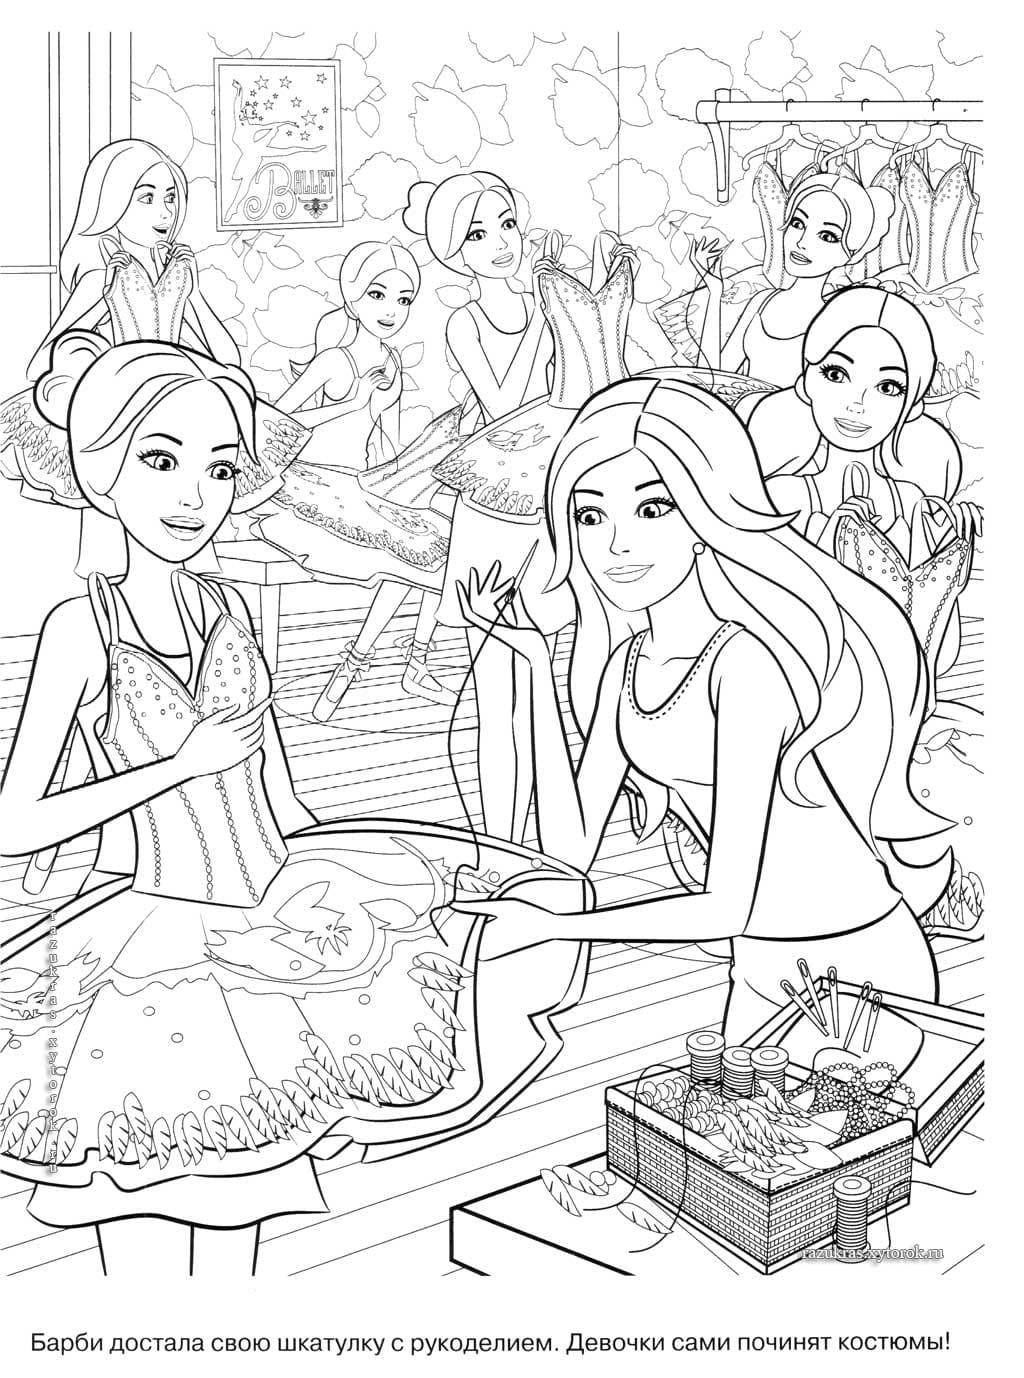 Раскраски куклы Барби для девочек. Распечатайте бесплатно!